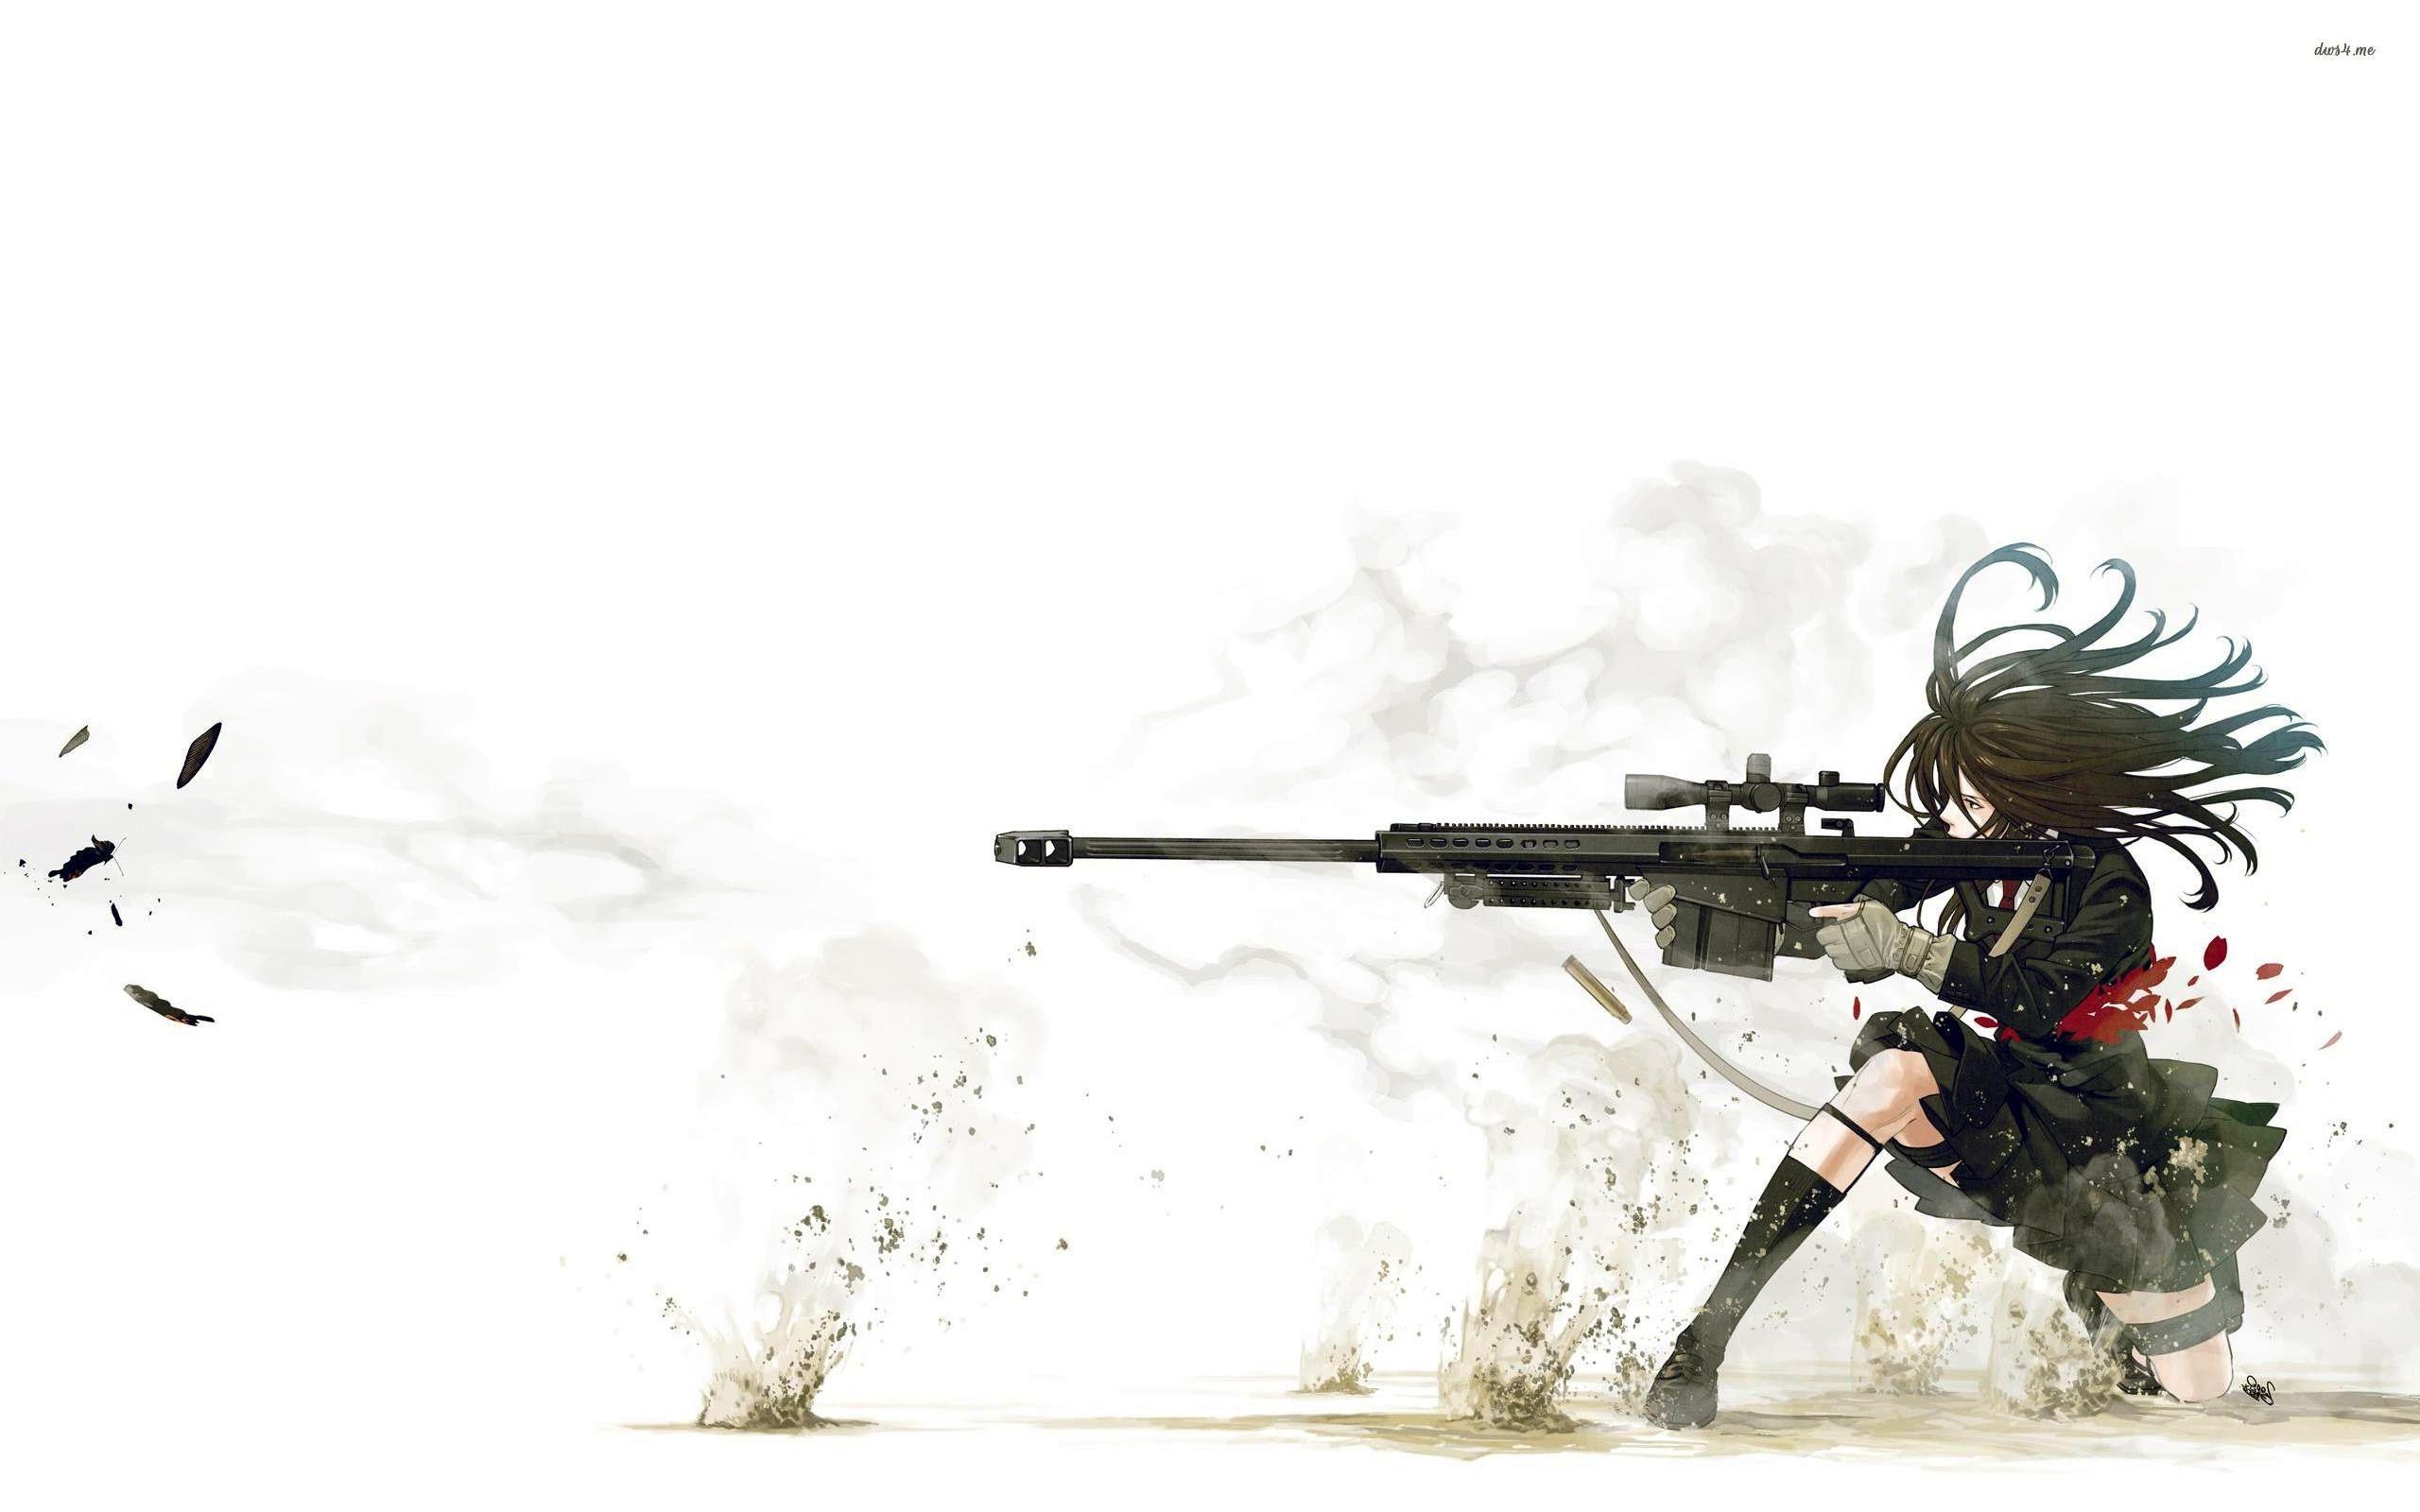 anime sniper wallpaper wallpapersafari adorable wallpapers